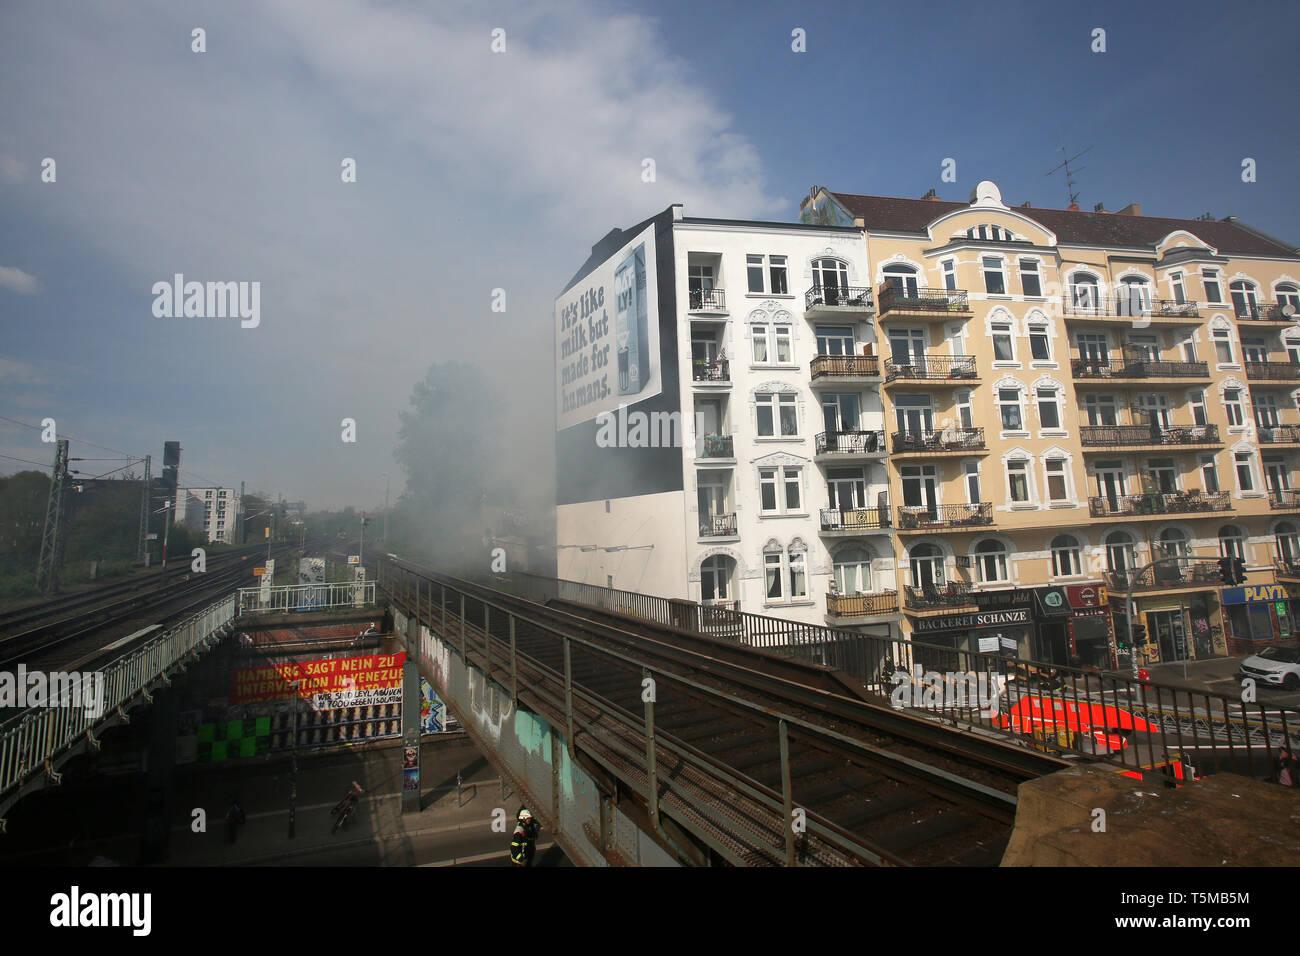 Sternschanze Hamburg Photos & Sternschanze Hamburg Images